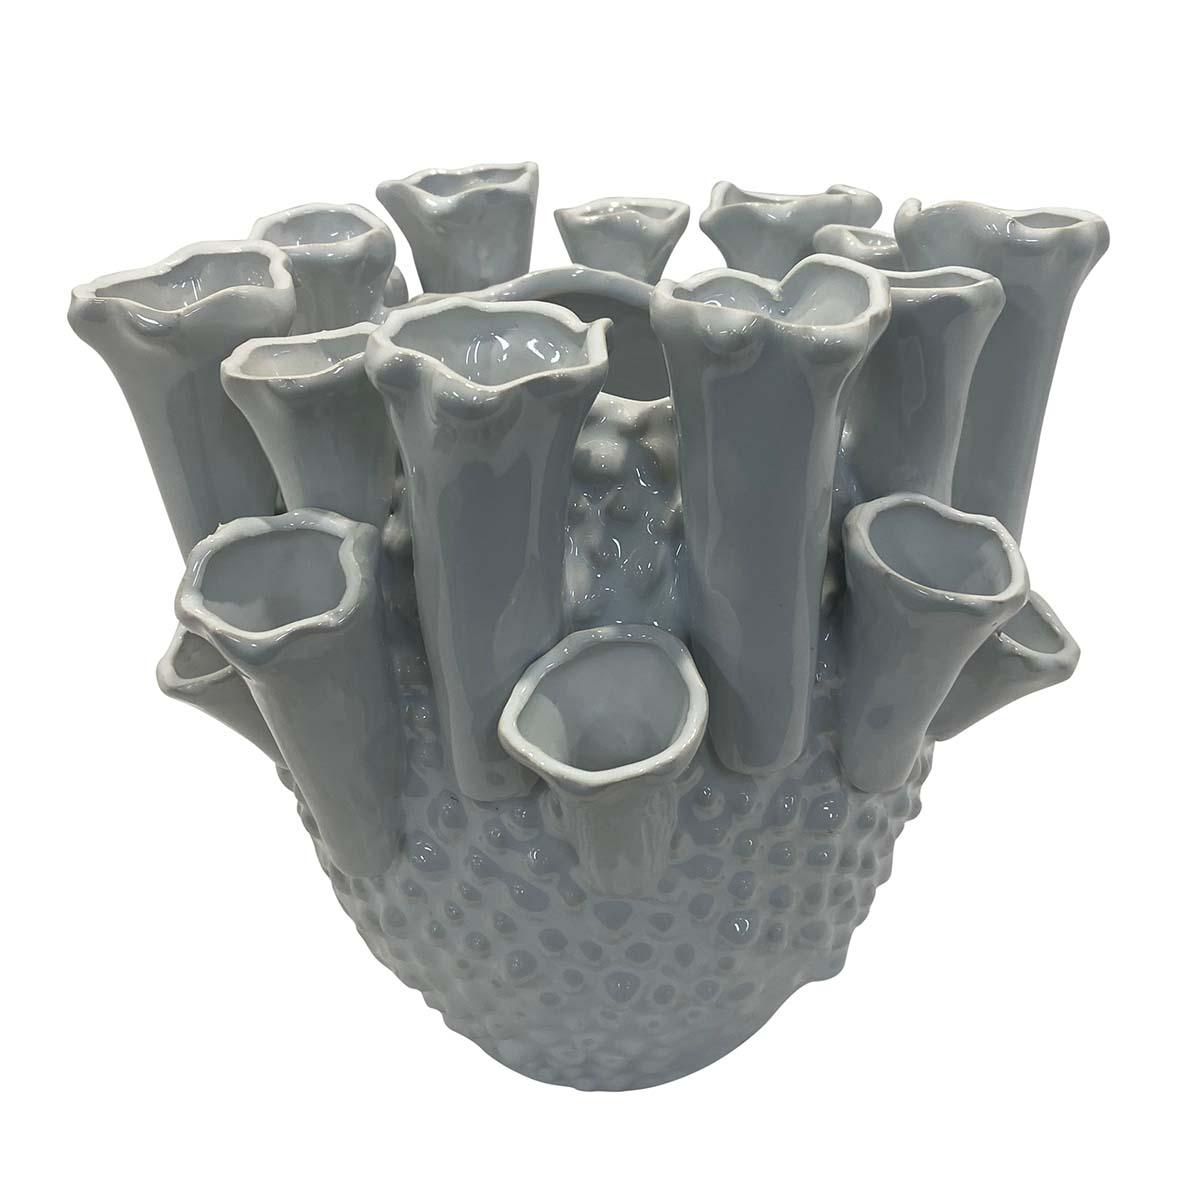 Mode Trumpet Vase 22x21cm in Ceramic